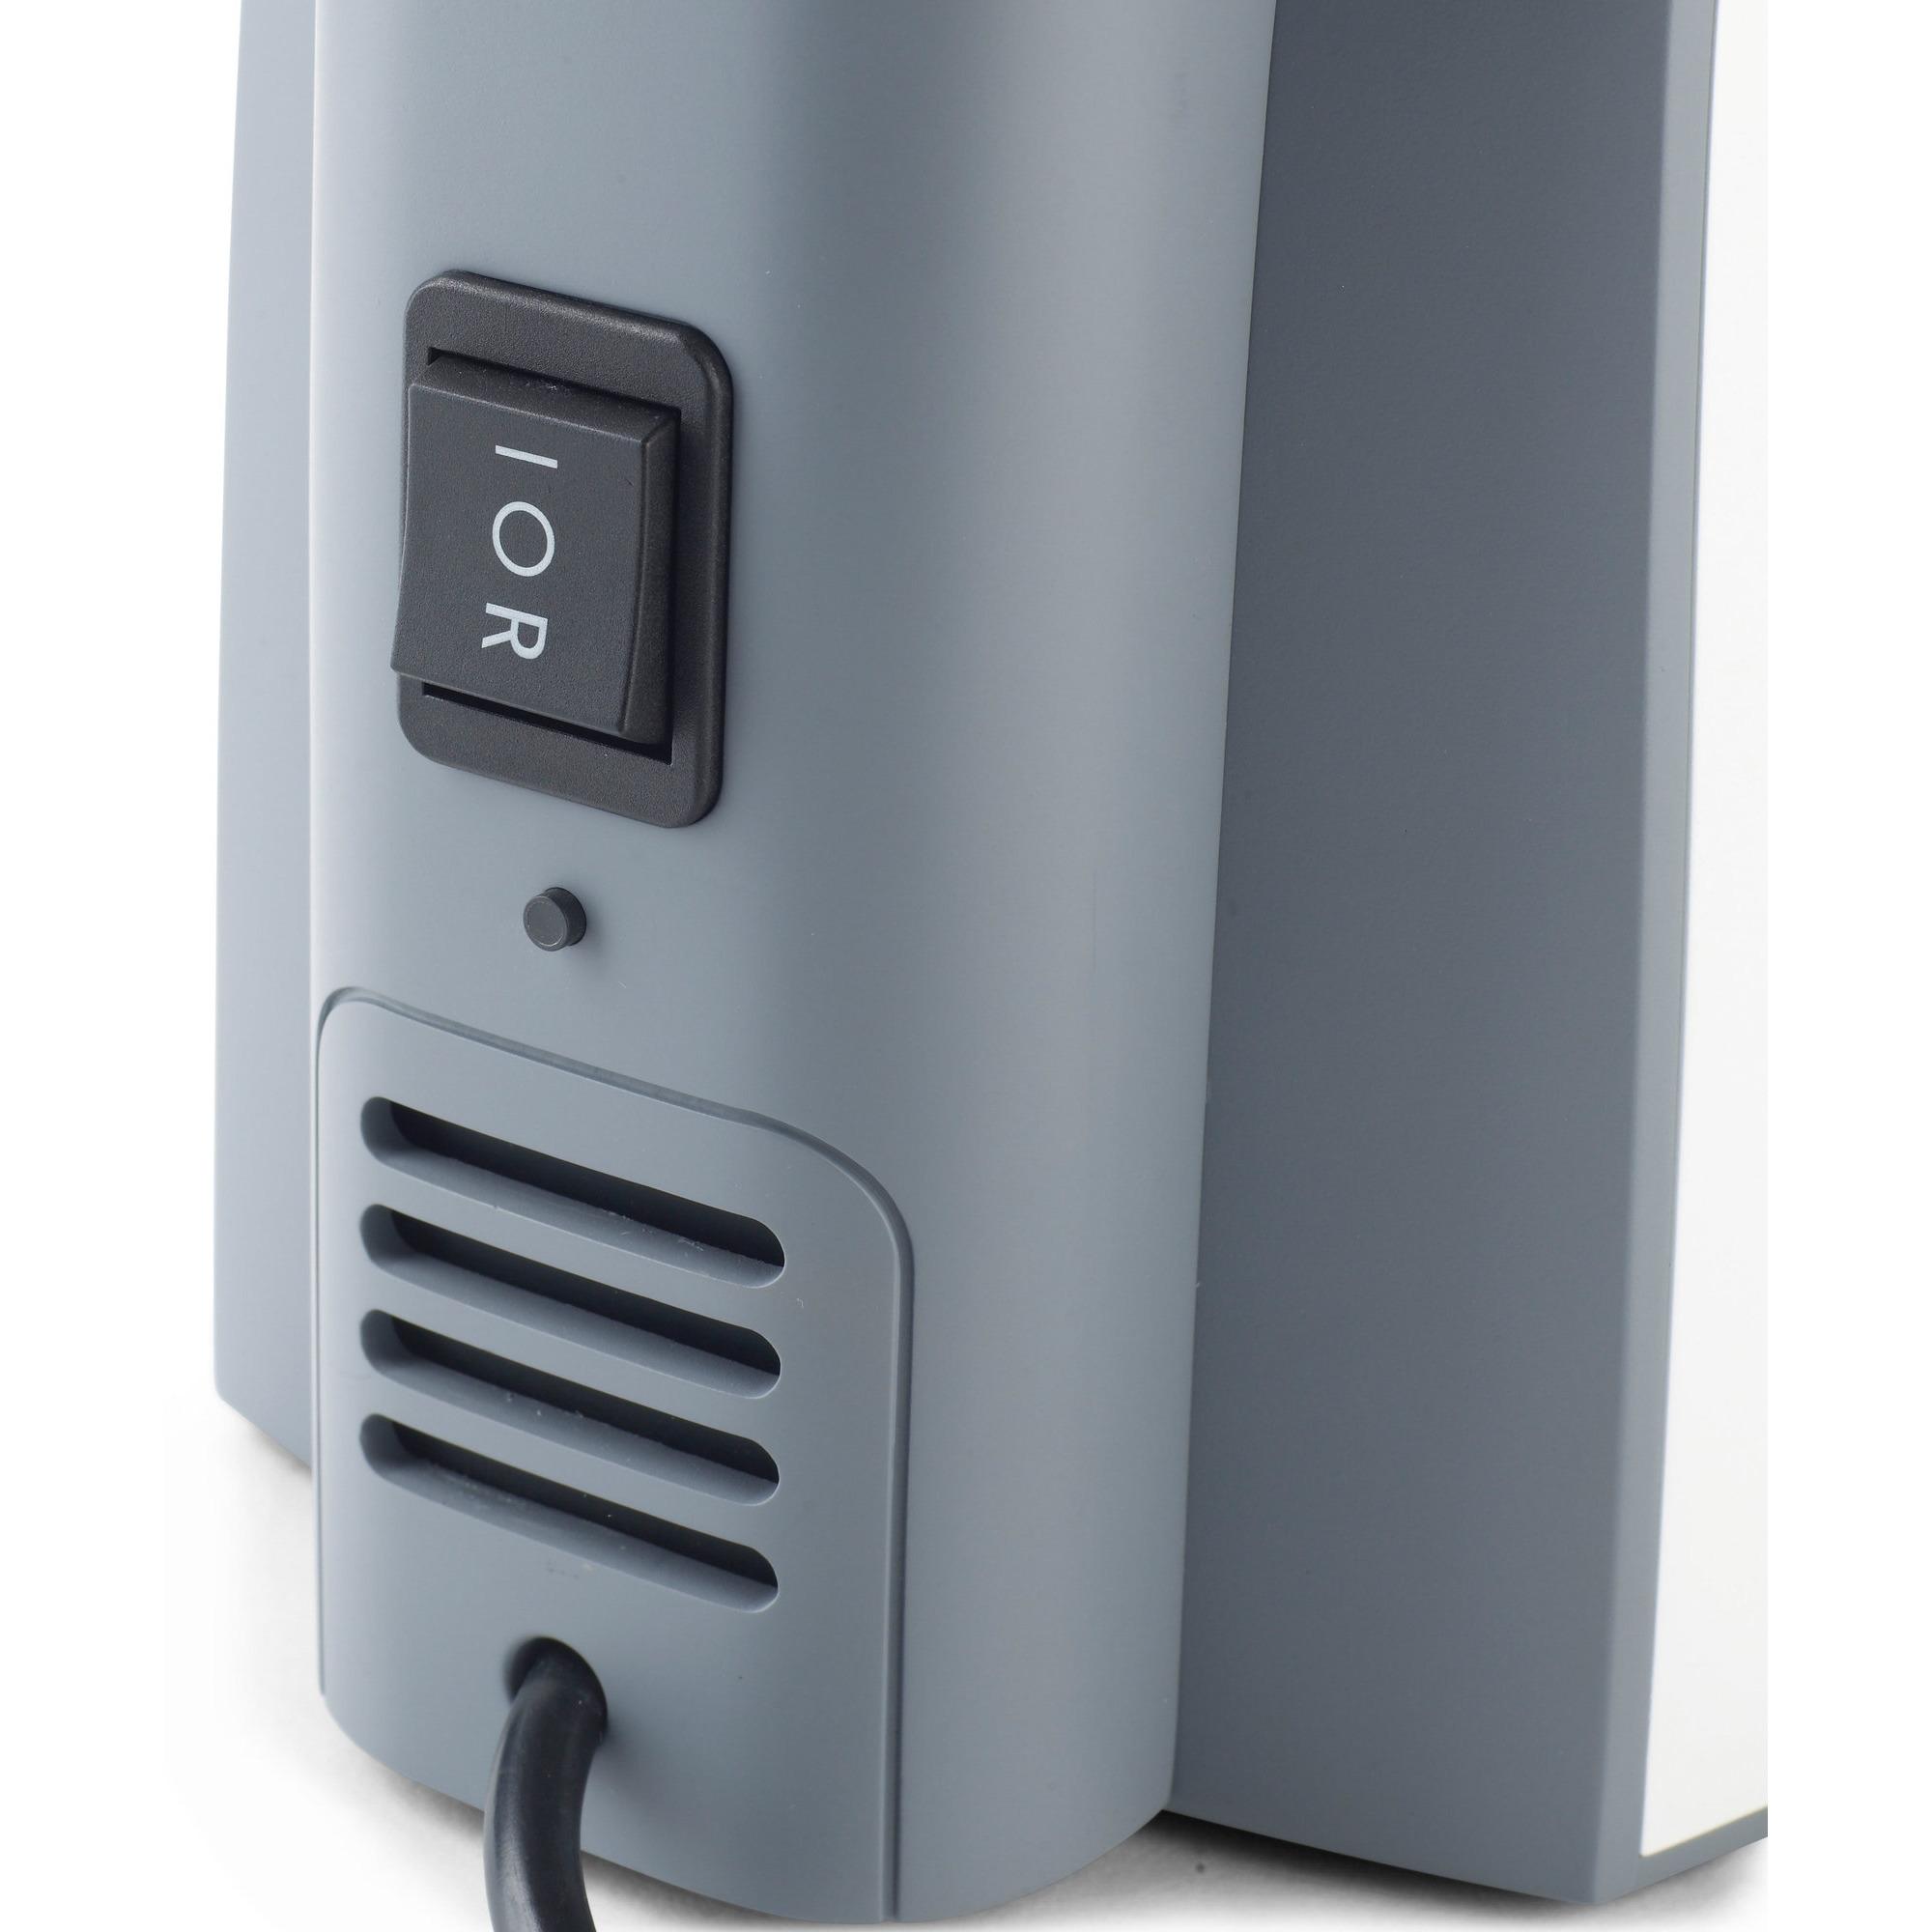 Kenwood Slow Juicer Jmp600wh Entsafter : JMP600WH PureJuice Slow Juicer fra Kenwood Gratis Levering